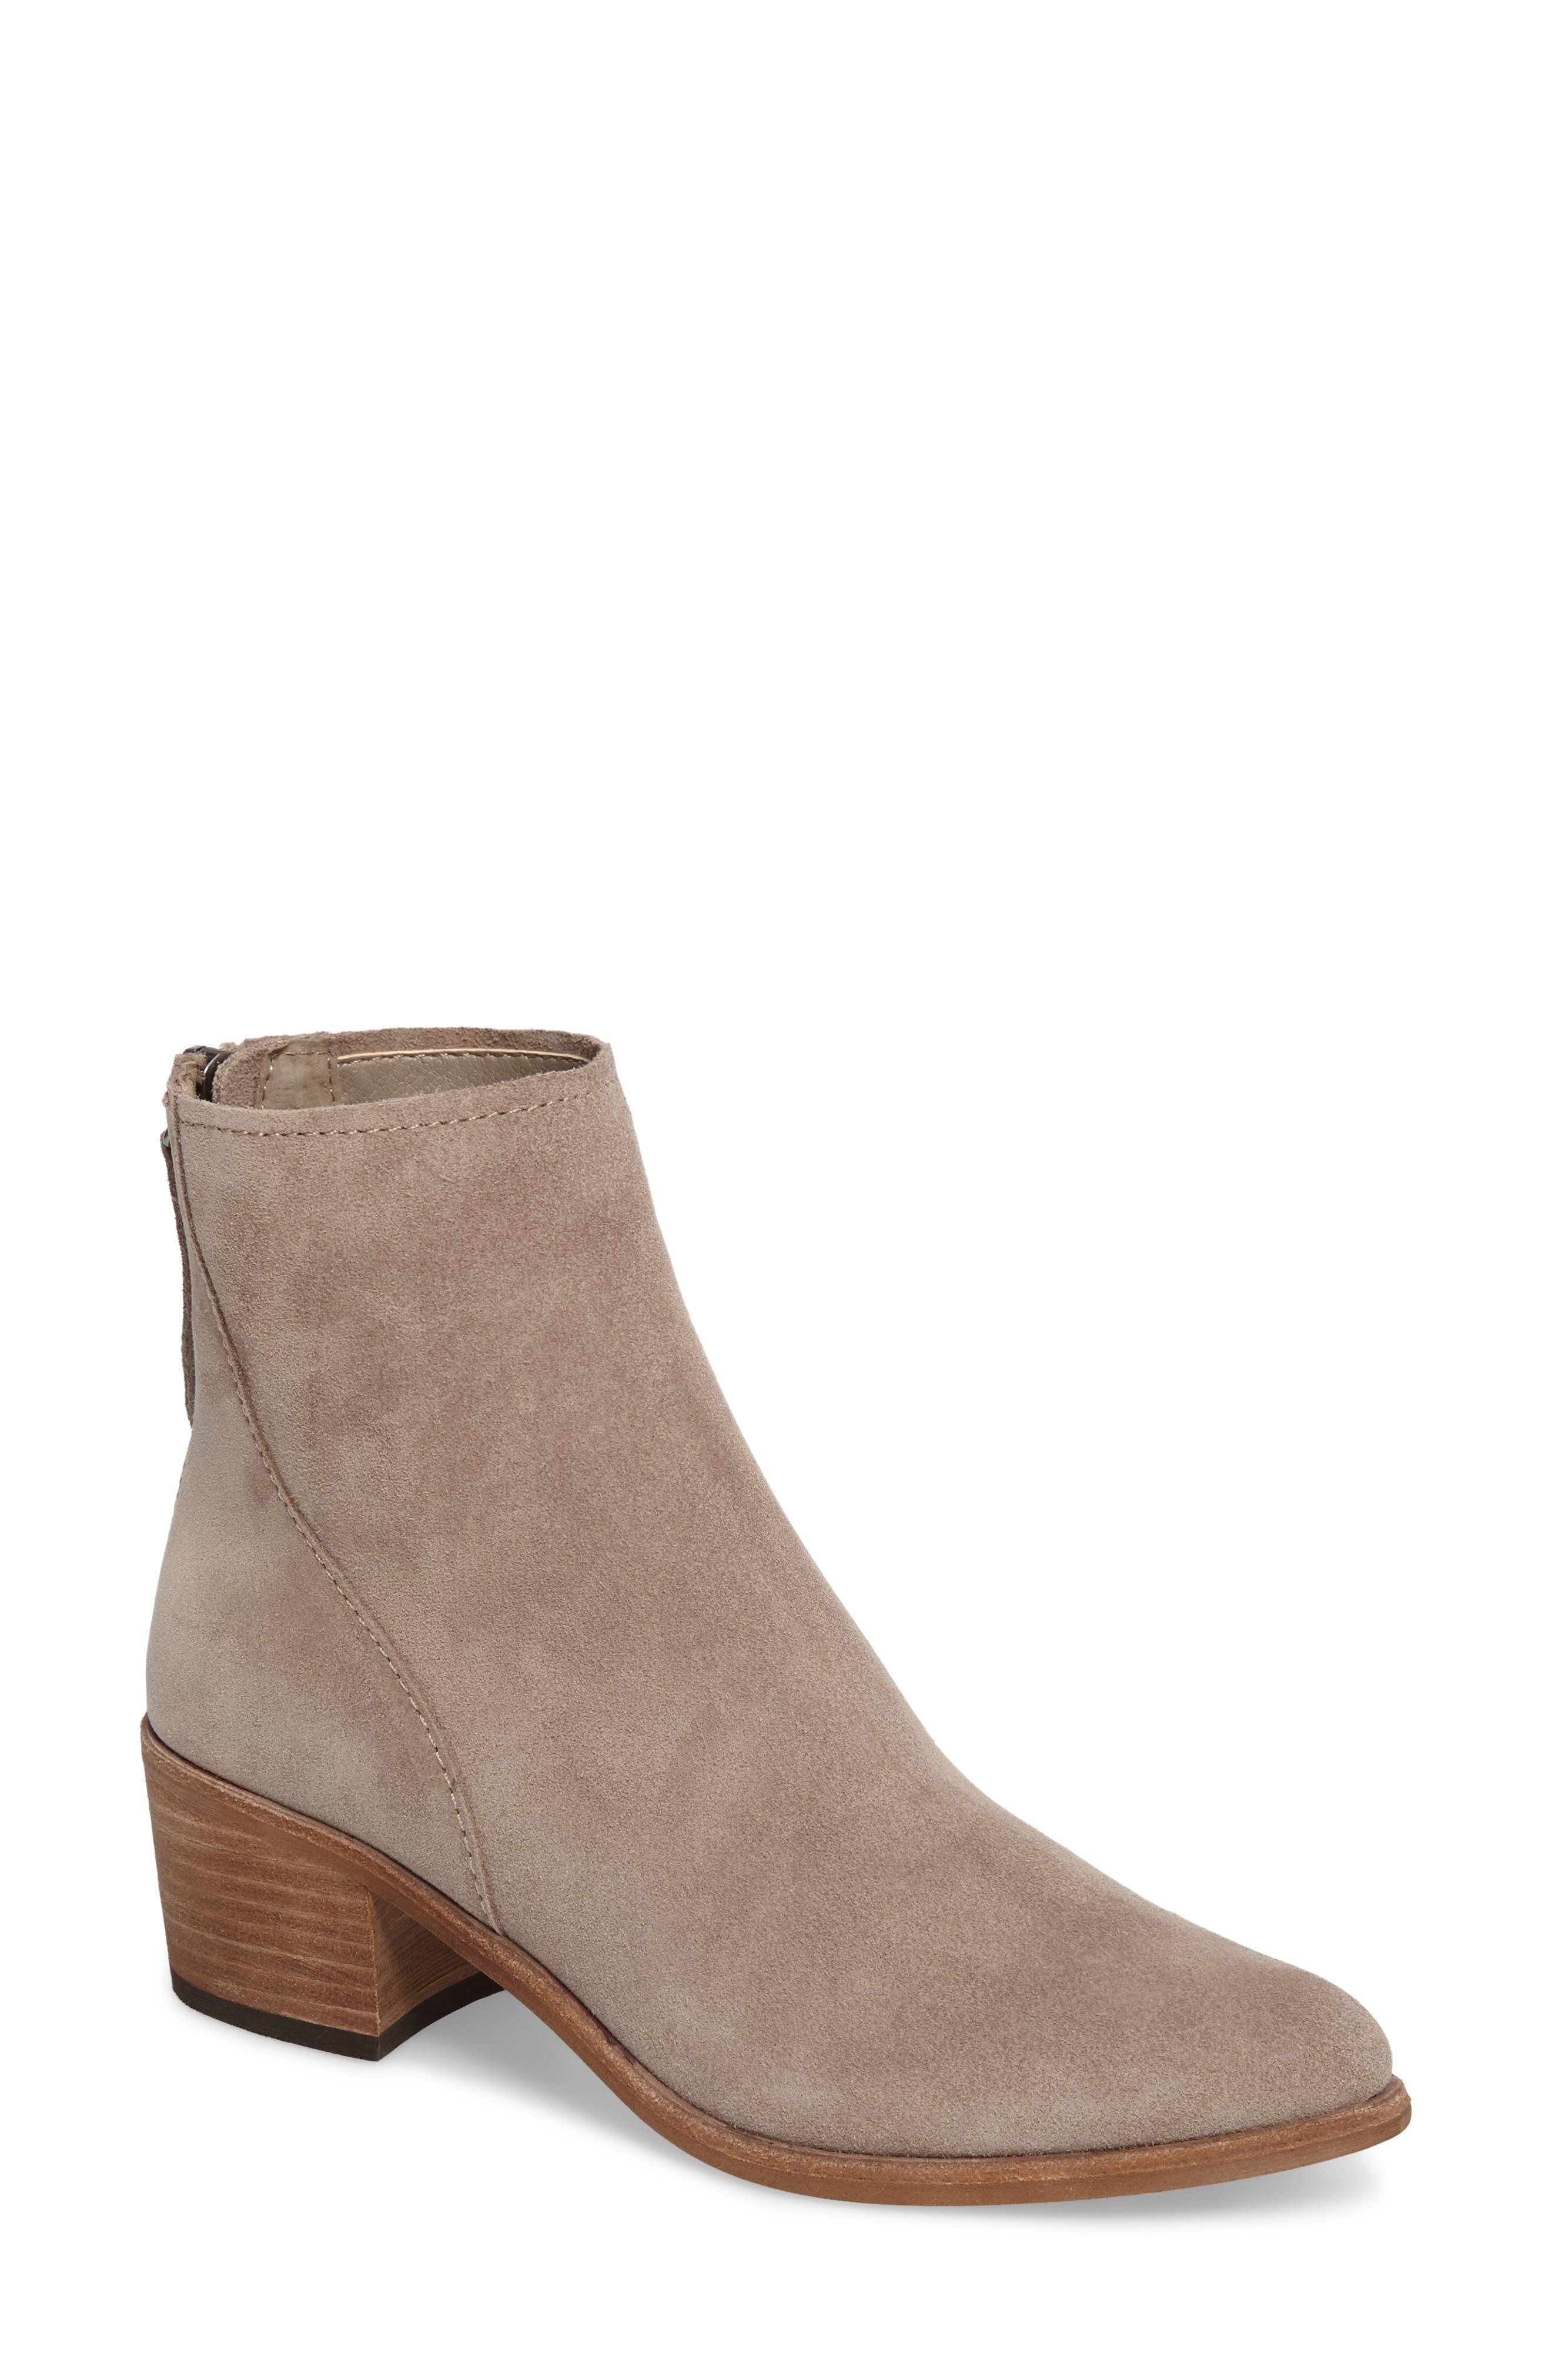 Dolce Vita Cassius Block Heel Bootie (Women)